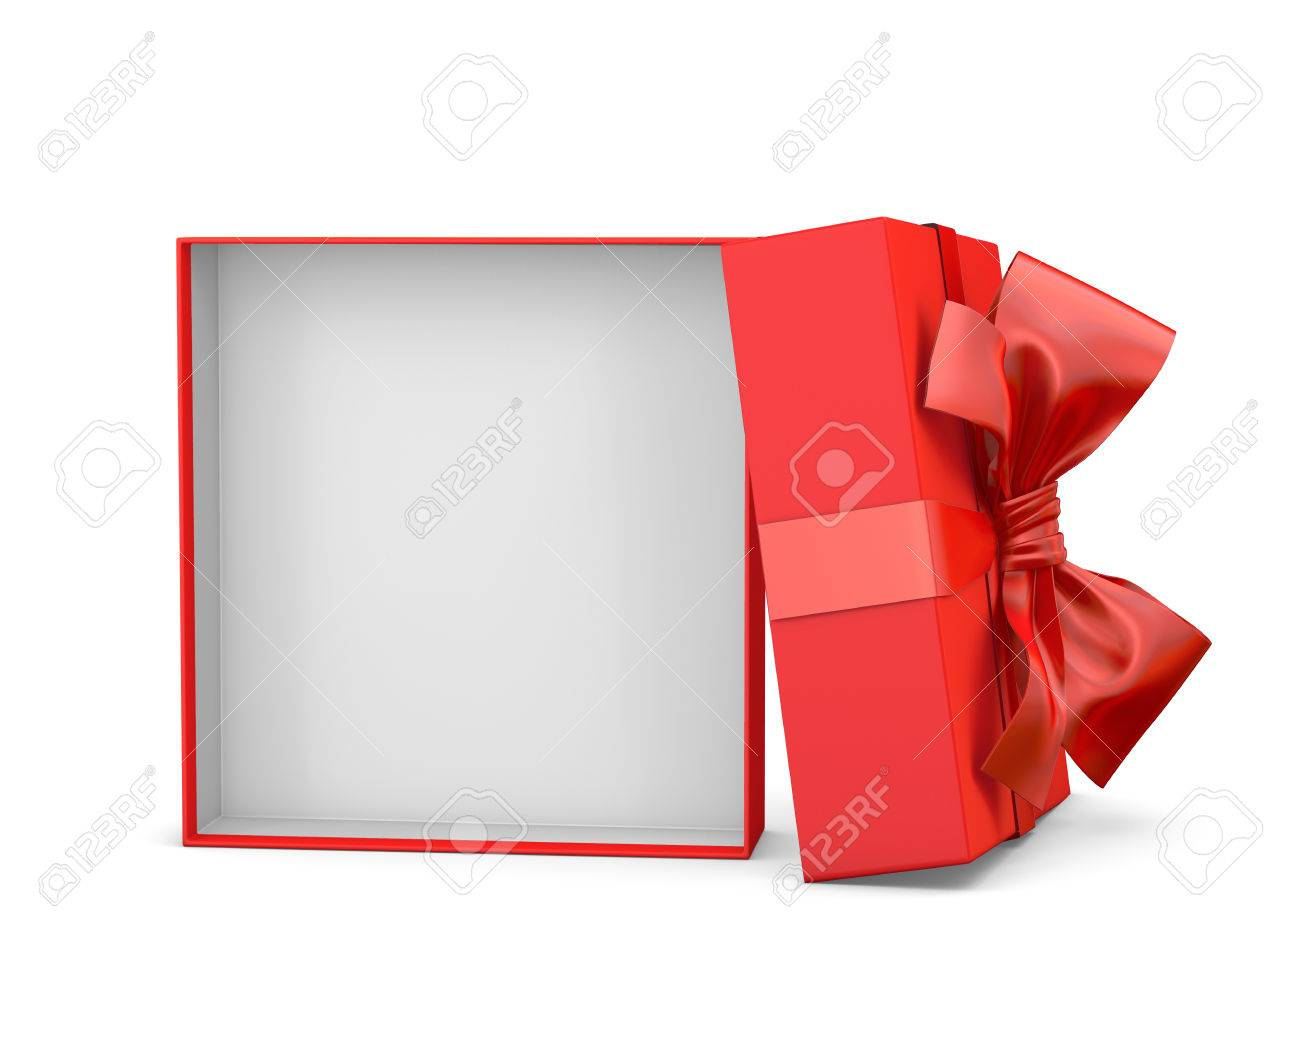 Geschenkband Frohe Weihnachten.Stock Photo